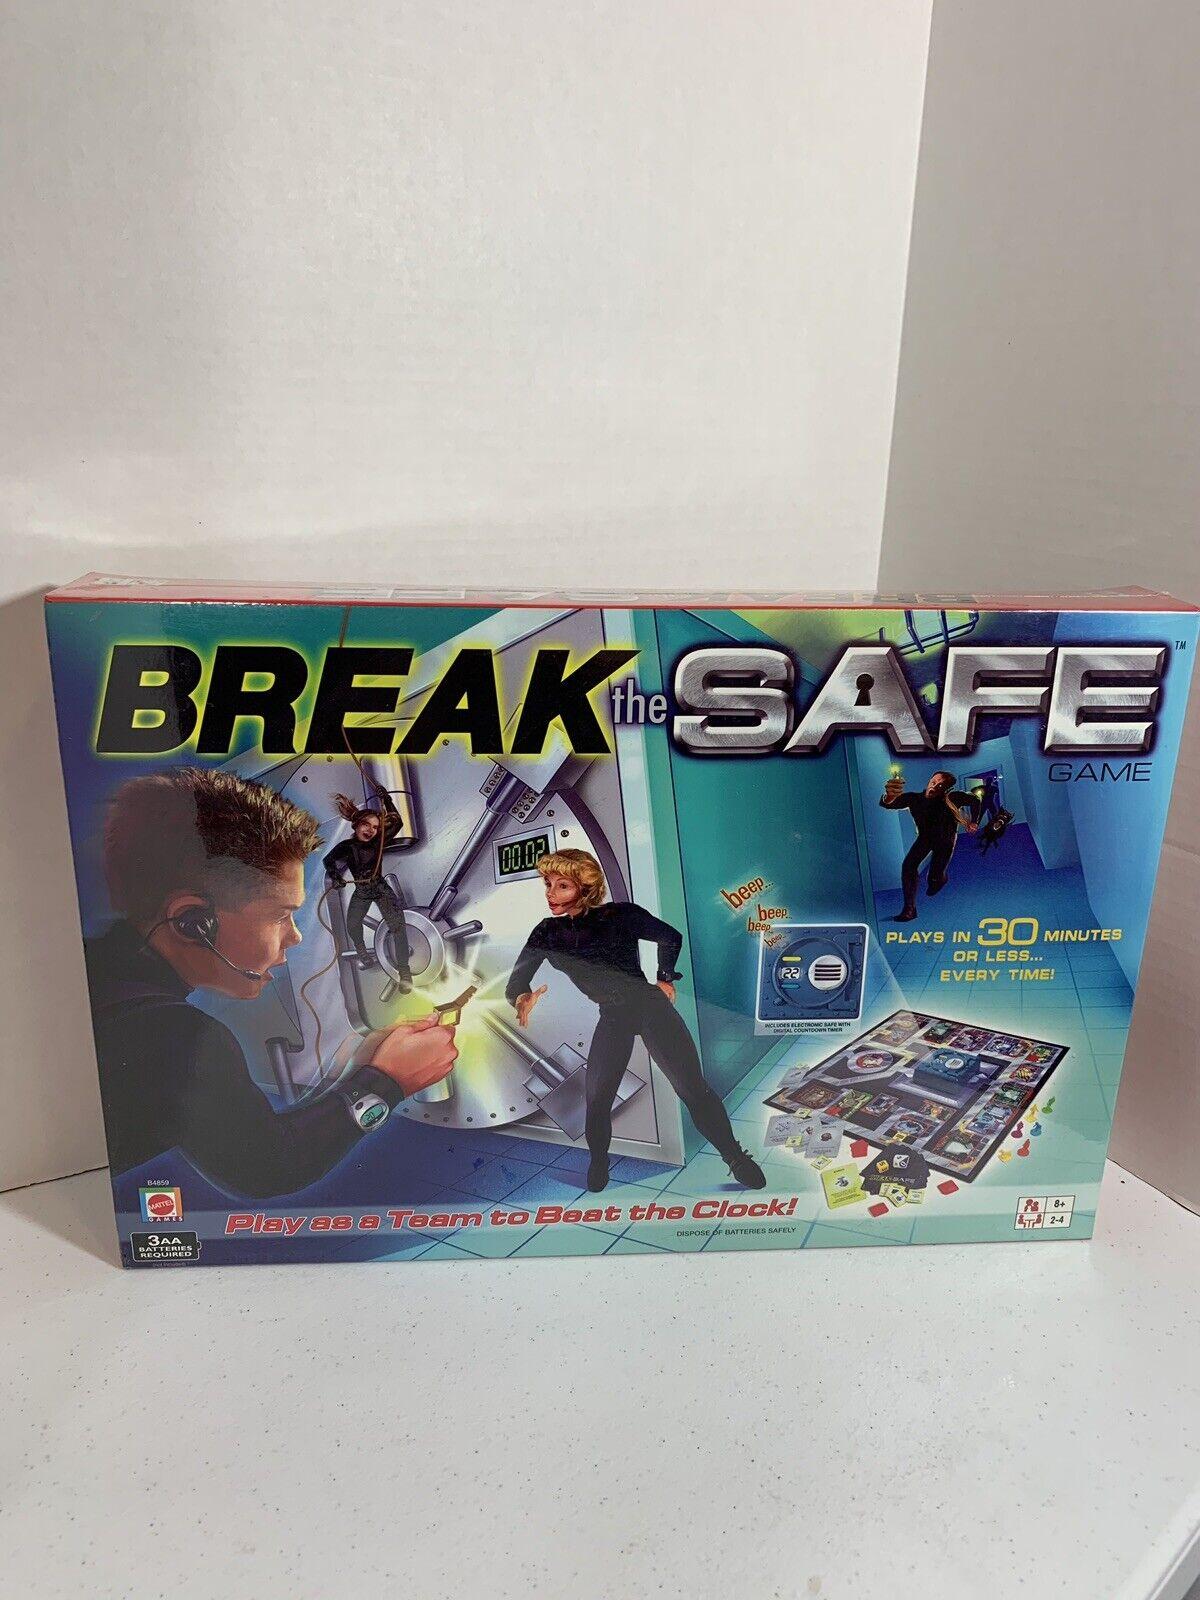 Break the Safe  tavola gioco ages 8 e Up 2-4 players nuovo in scatola  moda classica